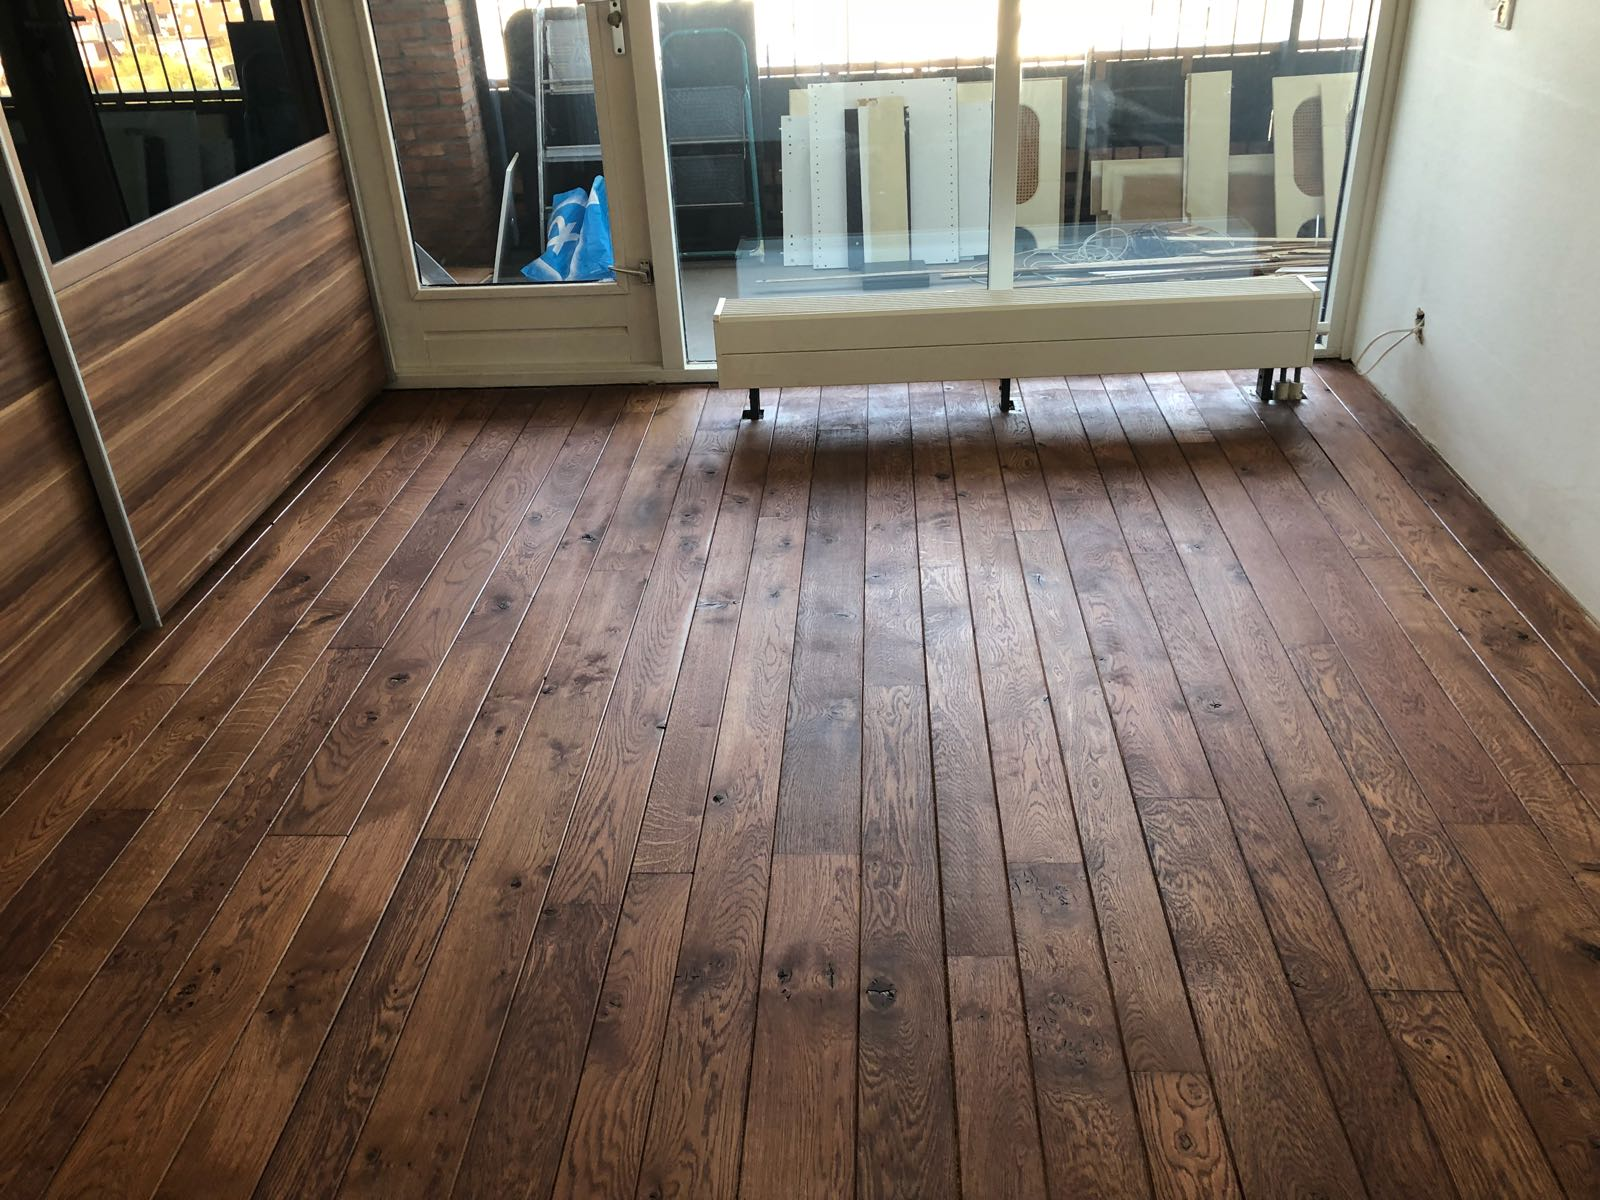 Houten vloer schuren en oliën houten vloeren paleis